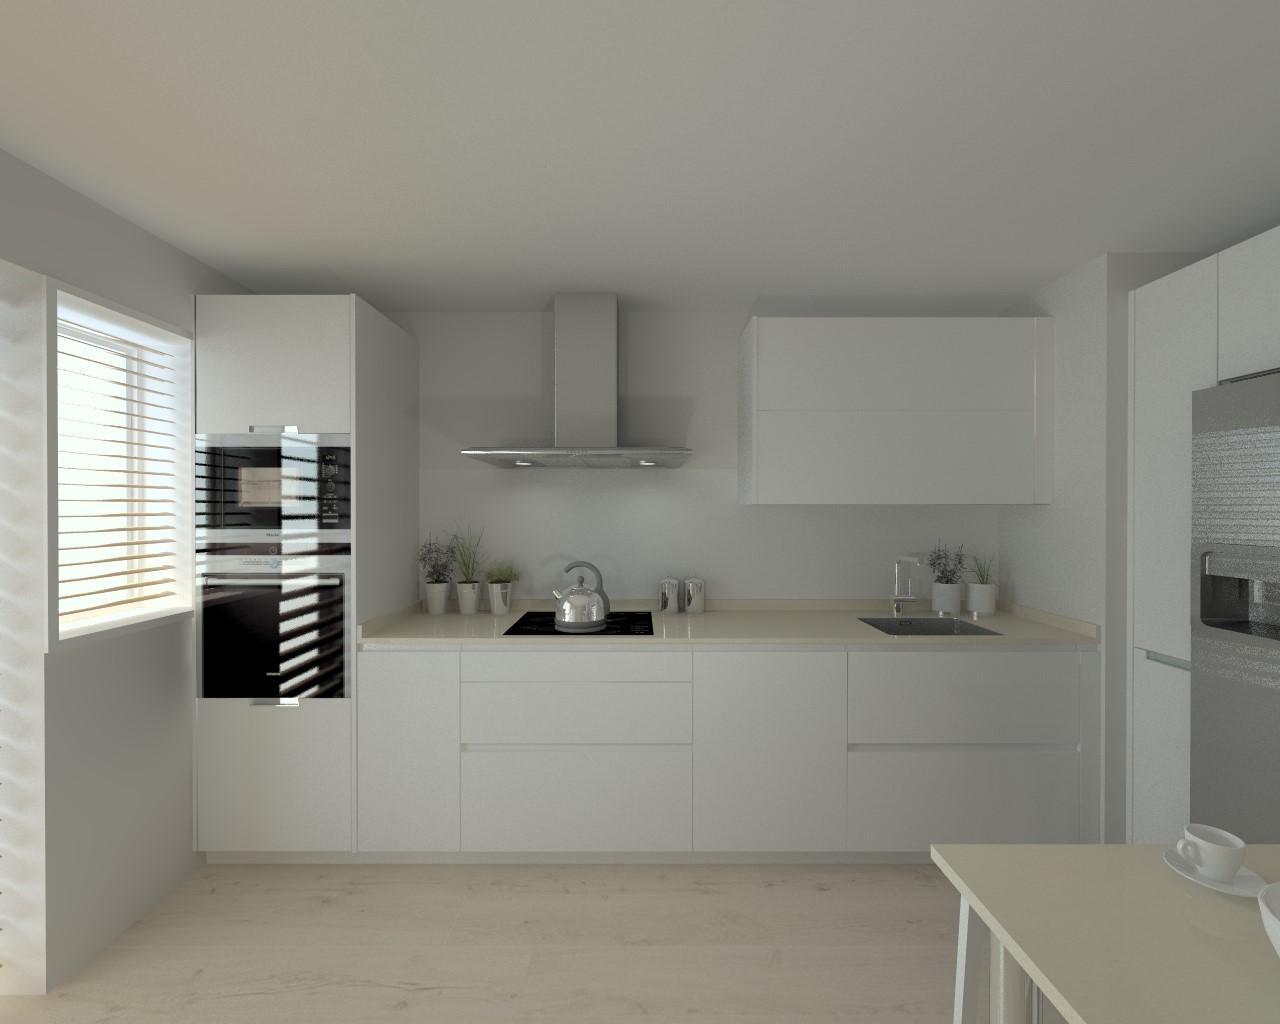 Cocina santos modelo line laminado seda blanco encimera - Mesas de cocina de silestone ...